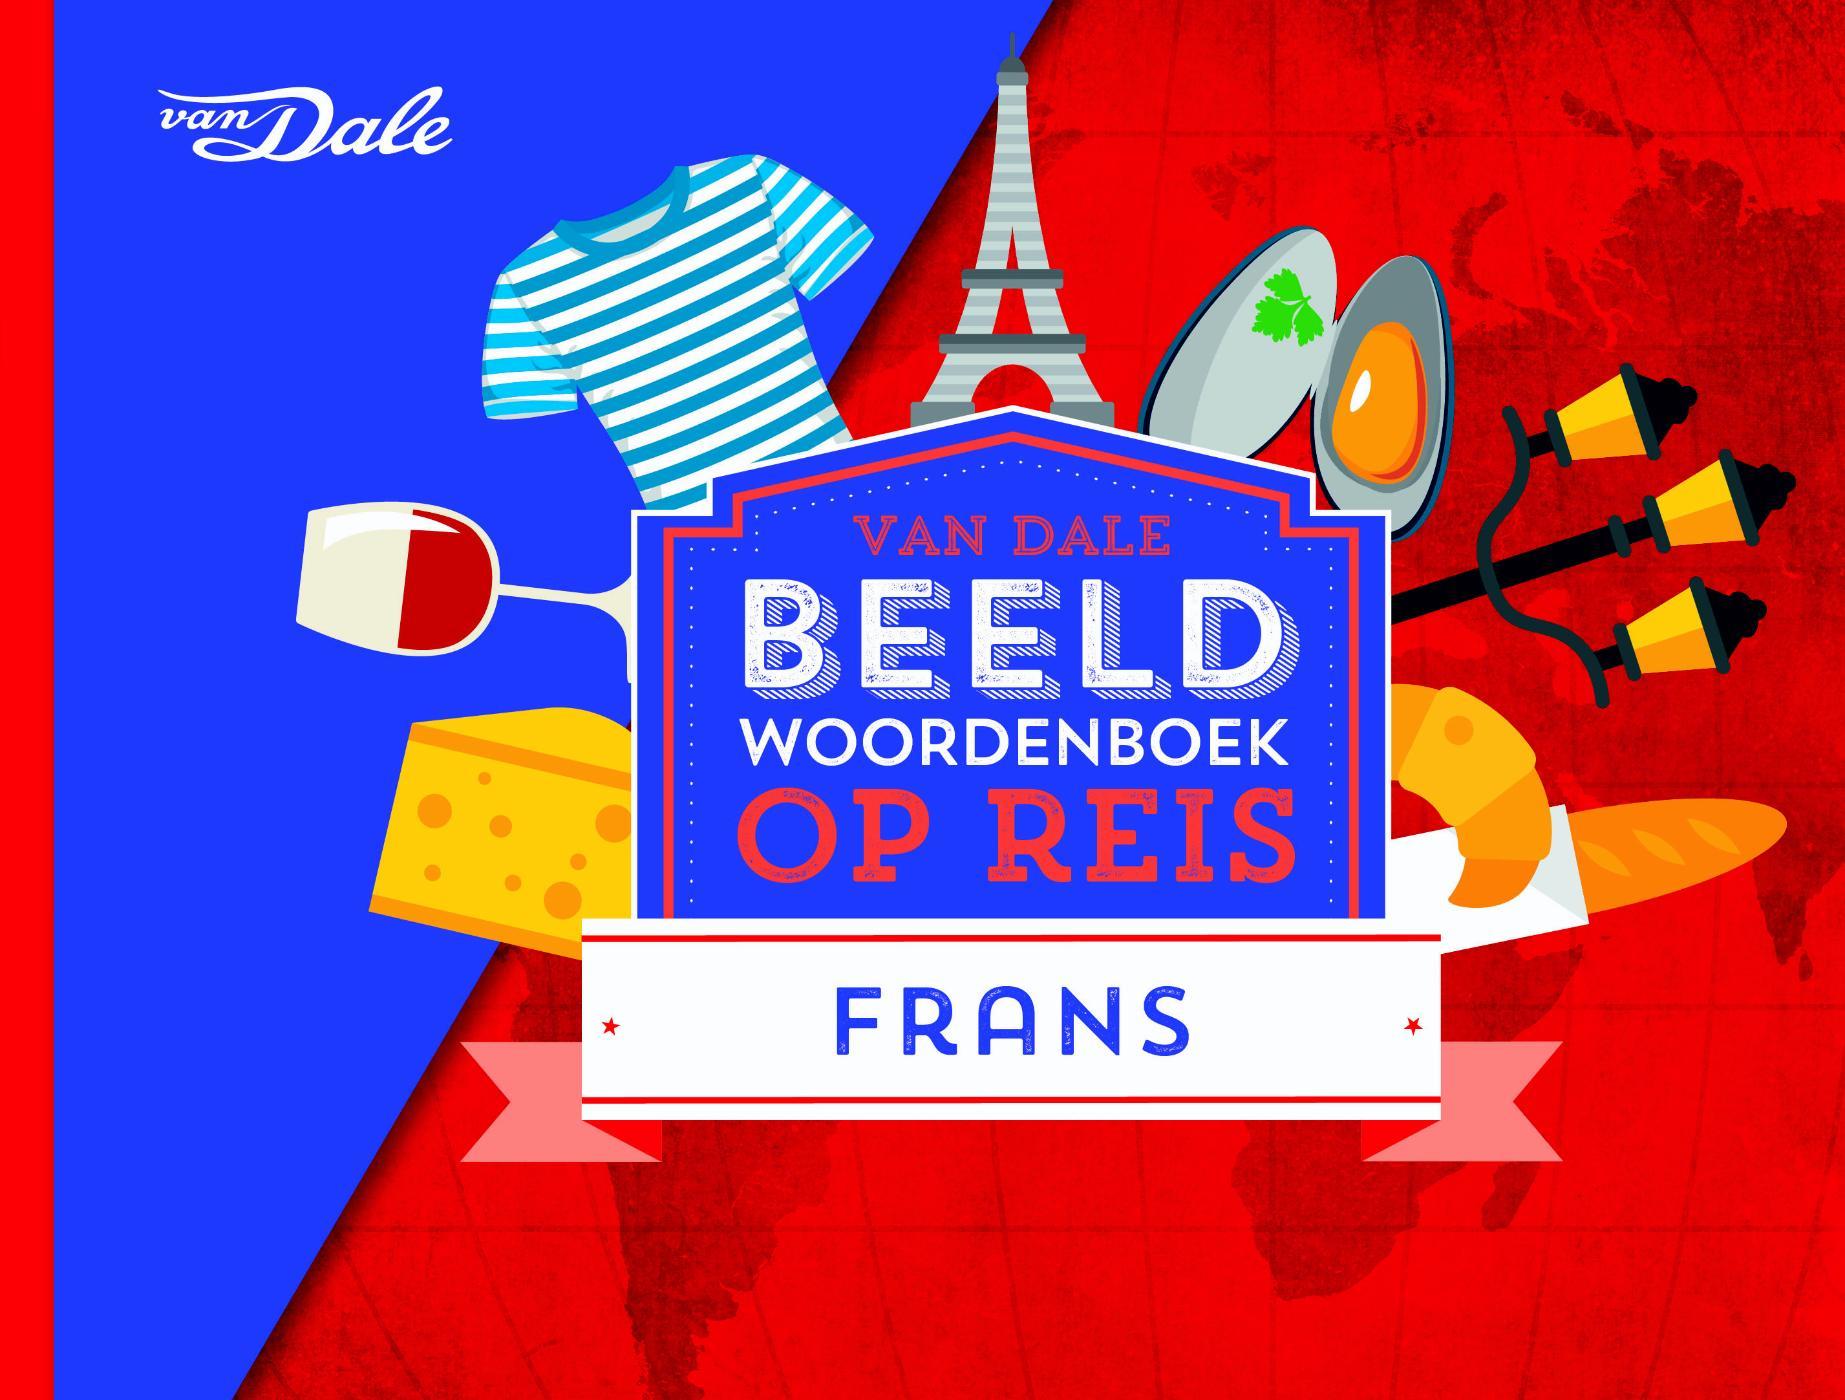 Van Dale Beeldwoordenboek op reis - Frans